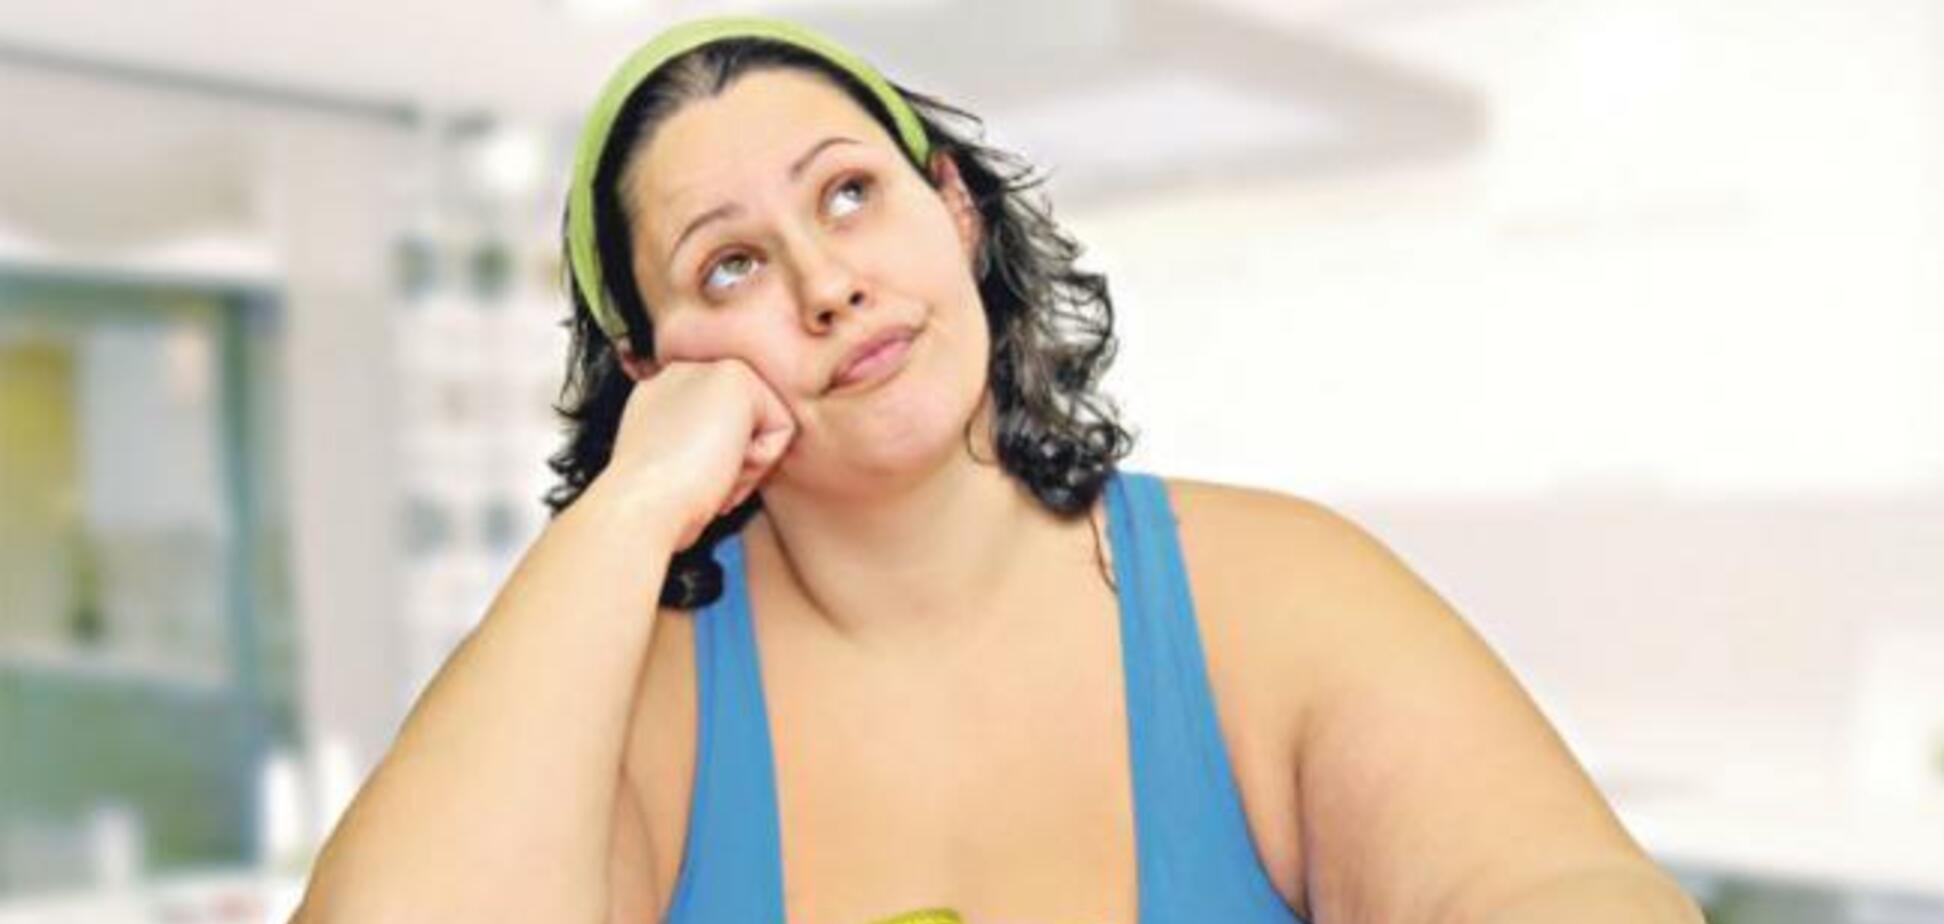 Як схуднути на 10 кг за місяць без дієт і спортзалу: поради експерта